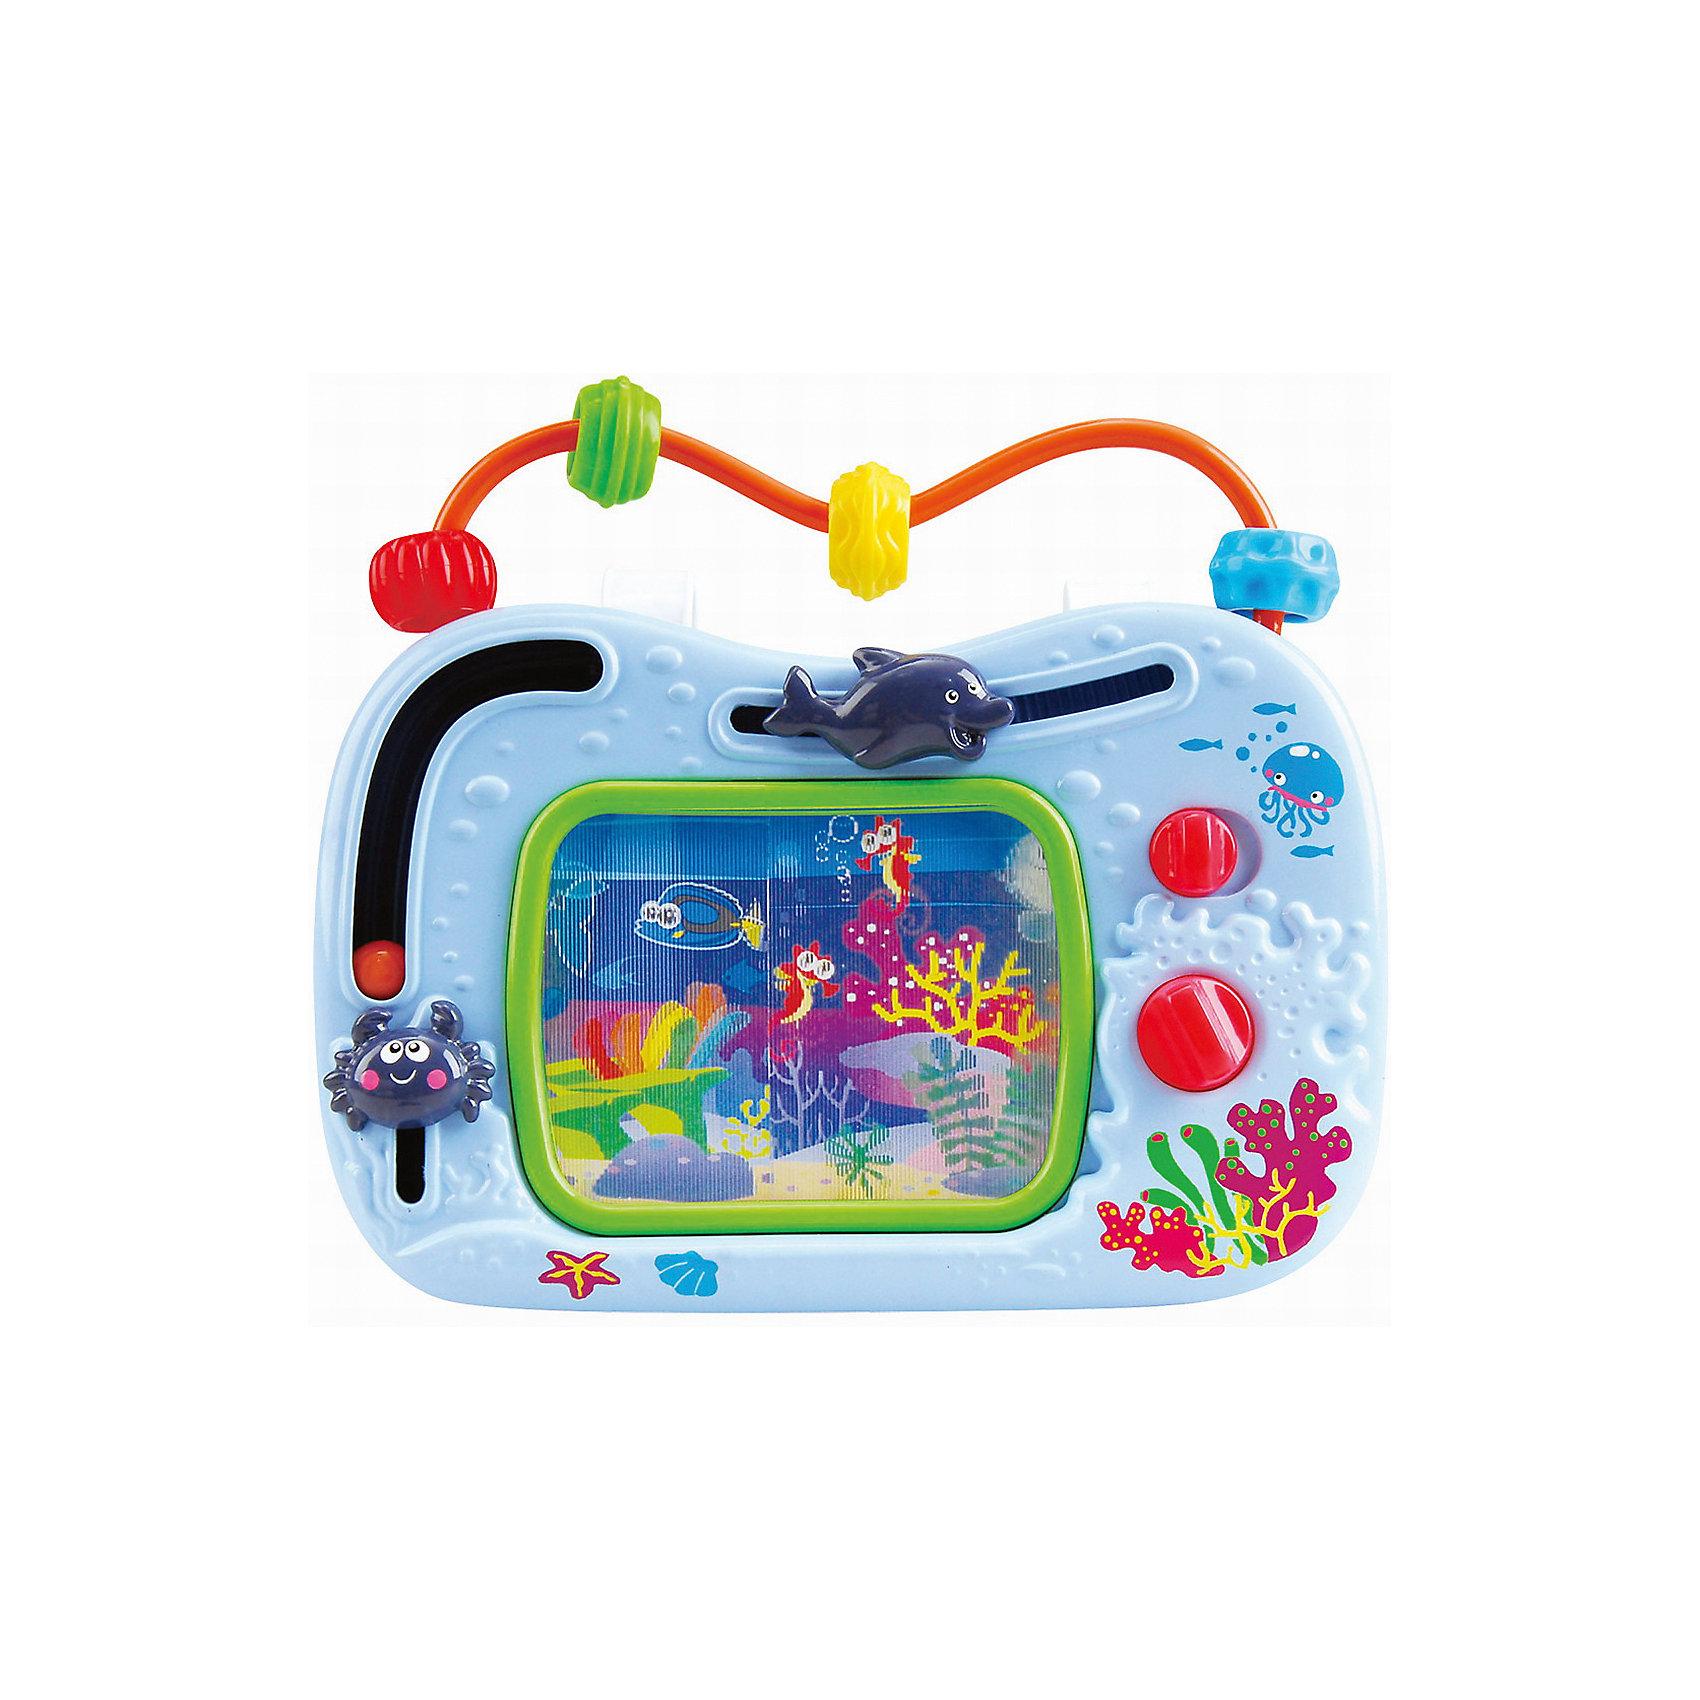 Развивающий центр Телевизор-аквариум, PlaygoИгровые столики и центры<br>Развивающий центр Телевизор-аквариум, Playgo<br><br>Характеристики:<br>- Материал: пластик<br>- В комплект входит: игрушка, батарейки 2шт. <br>- Элементы питания: батарейки АА<br><br>Телевизор-аквариум от известного китайского бренда развивающих игрушек для детей Playgo (Плейго) станет прекрасным подарком для крохи. Загляните в морскую пучину вместе с этой интерактивной игрушкой. Движущиеся крабик и дельфинчик приятны на ощупь, а интересный шарик захочется катать снова и снова. Верхняя дуга имеет цветные бусины, которые понравится передвигать. Изготовленная из качественного пластика, яркая игрушка поможет развить тактильные ощущения, звуковое восприятие, воображение, световое восприятие и моторику ручек. Небольшой размер позволит брать веселую игрушку на прогулку или в поездку.<br>Развивающую игрушку Телевизор-аквариум, Playgo (Плейго) можно купить в нашем интернет-магазине.<br>Подробнее:<br>• Для детей в возрасте: от 18 до 36 месяцев <br>• Номер товара: 5054062<br>Страна производитель: Китай<br><br>Ширина мм: 210<br>Глубина мм: 220<br>Высота мм: 70<br>Вес г: 440<br>Возраст от месяцев: 12<br>Возраст до месяцев: 36<br>Пол: Унисекс<br>Возраст: Детский<br>SKU: 5054062